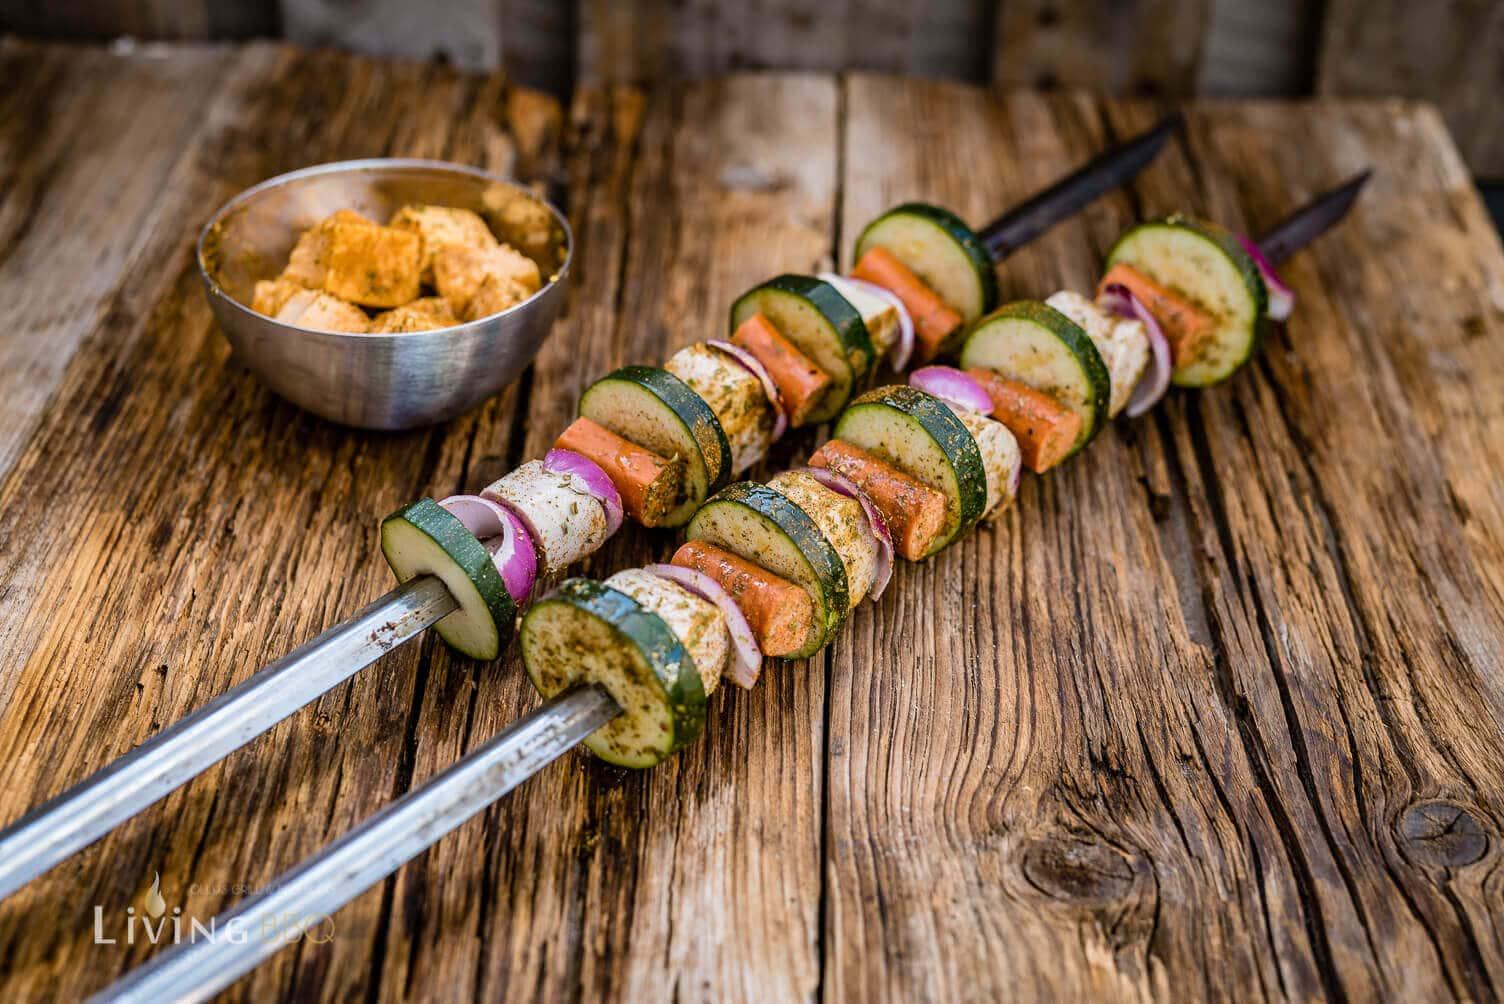 Grillspieße bereit zum Grillen _Grillspie  e mit Bratwurst 4 von 14